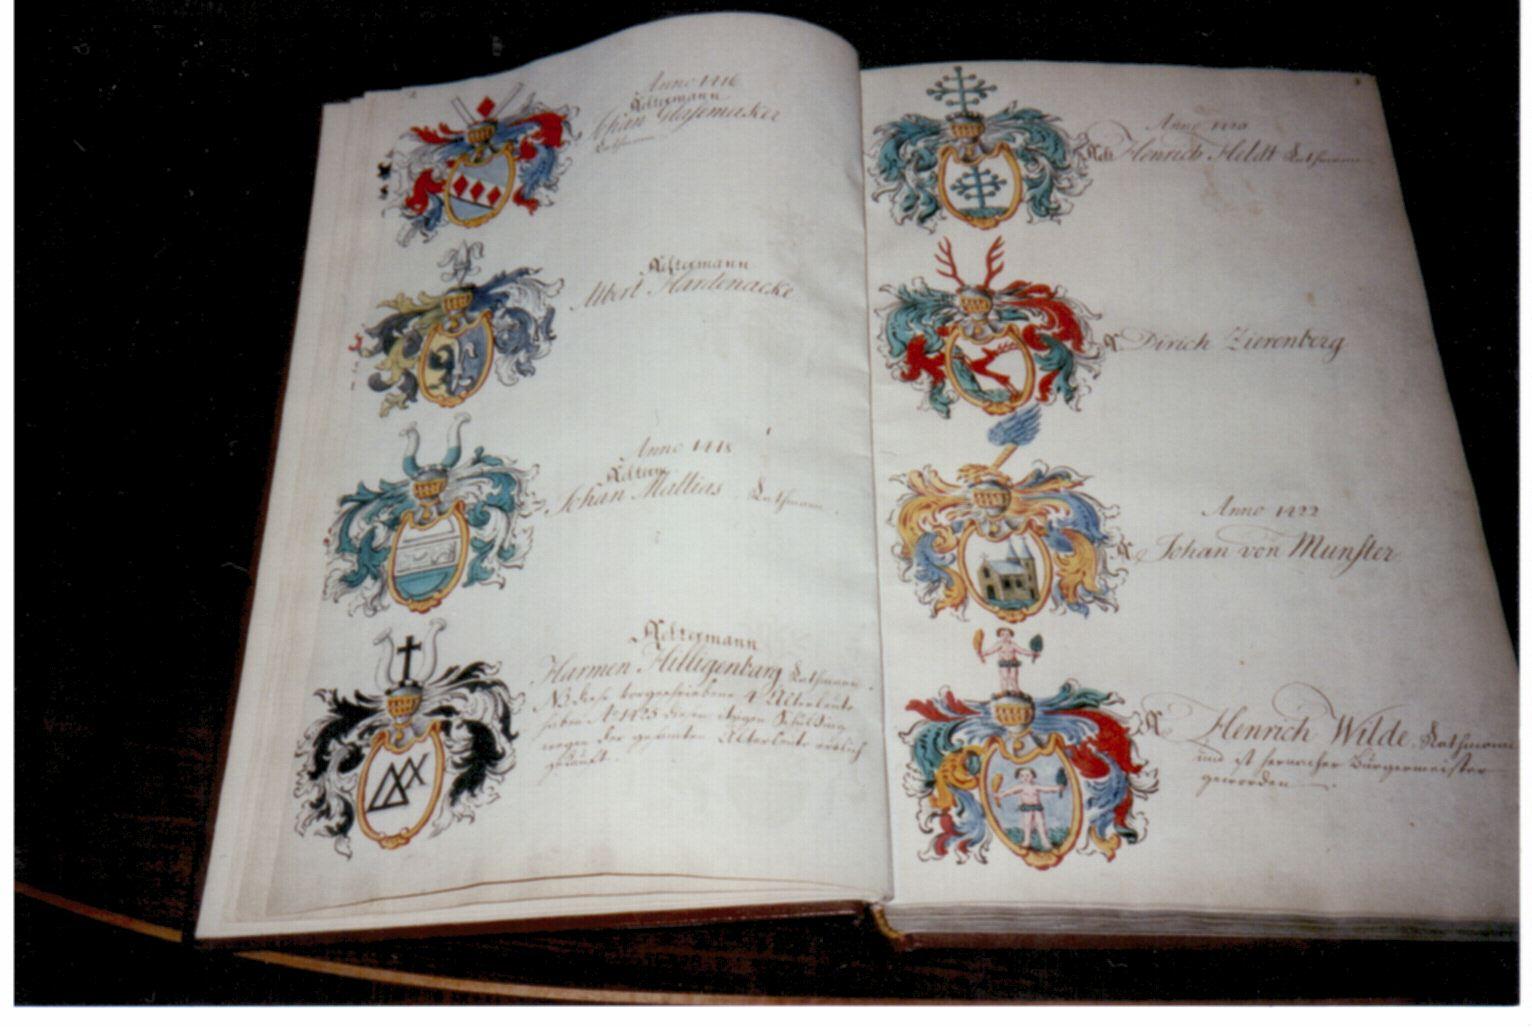 Das Große Wappenbuch der bremischen Kaufmannsgesellschaft